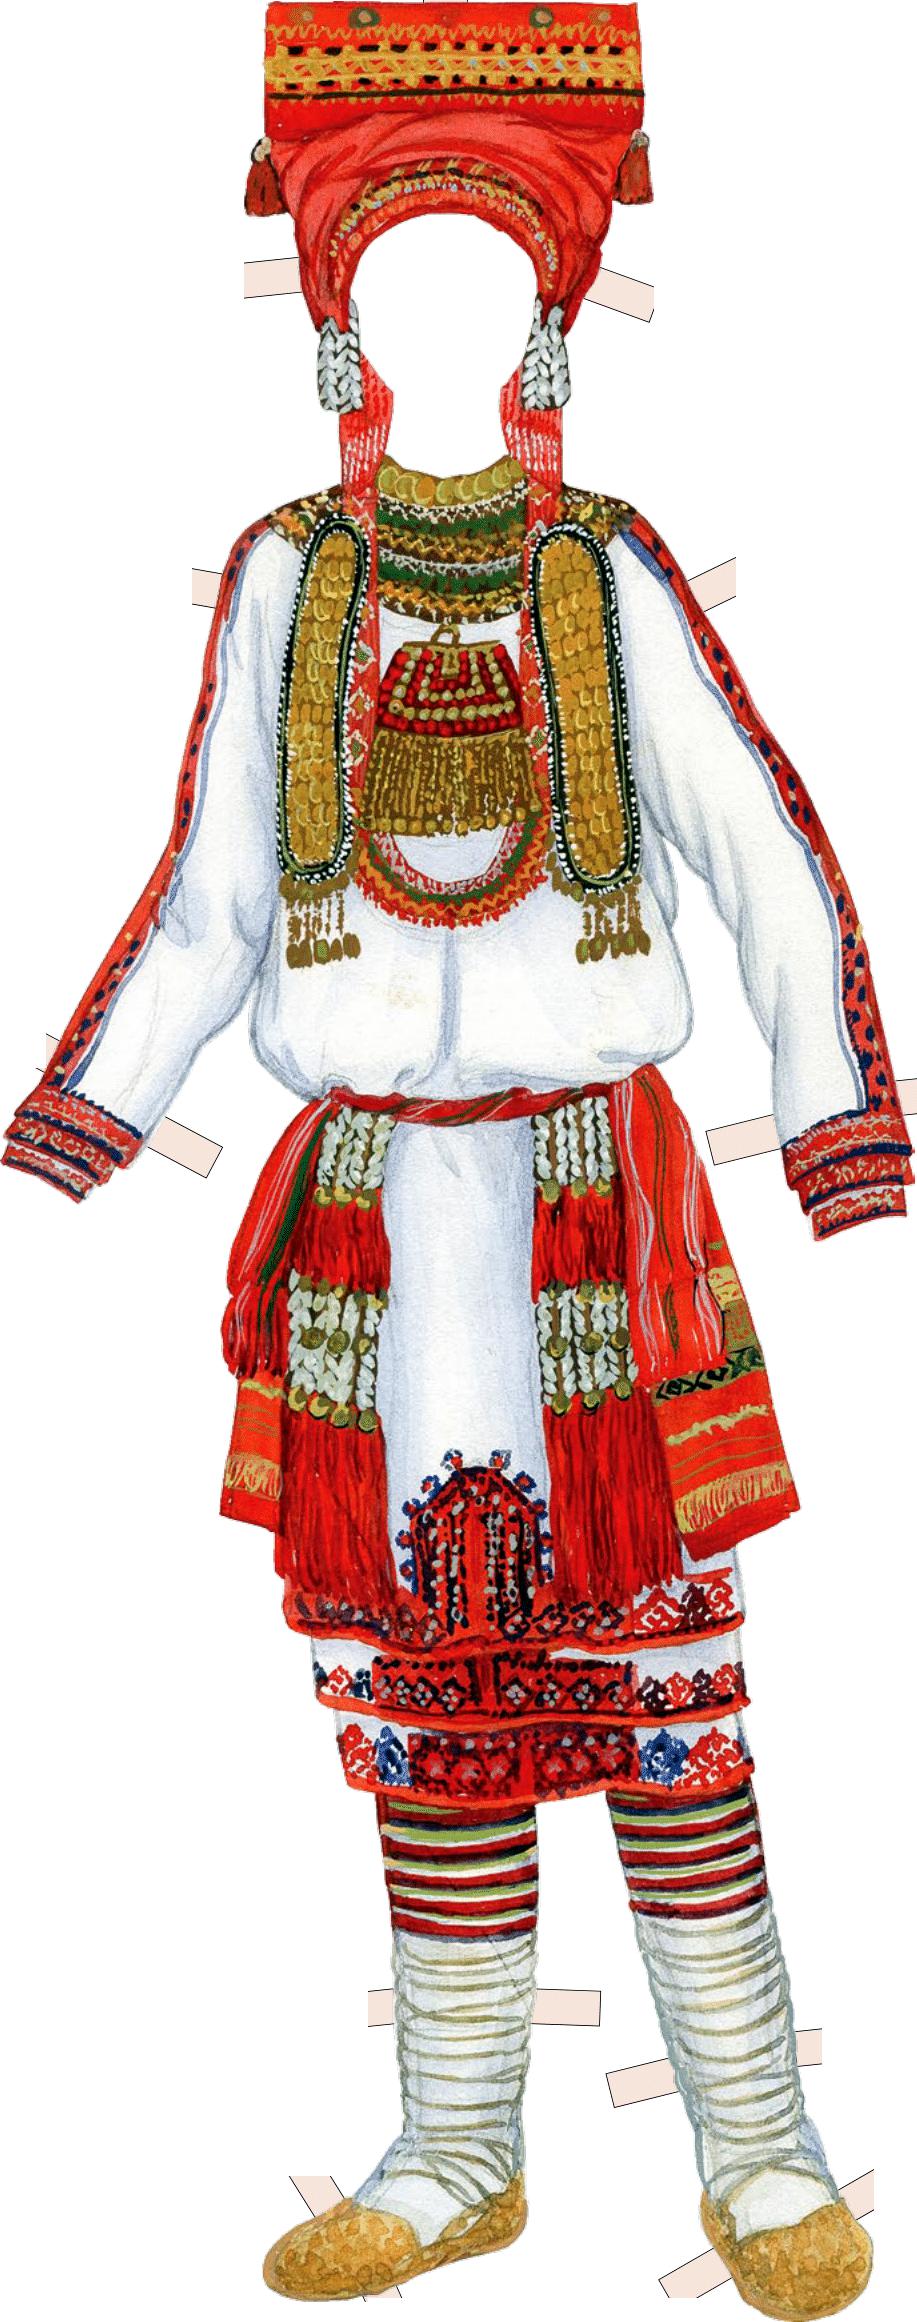 Костюм невесты-мокшанки. Конец XIX в. Пензенская губерния, Краснослободский уезд.